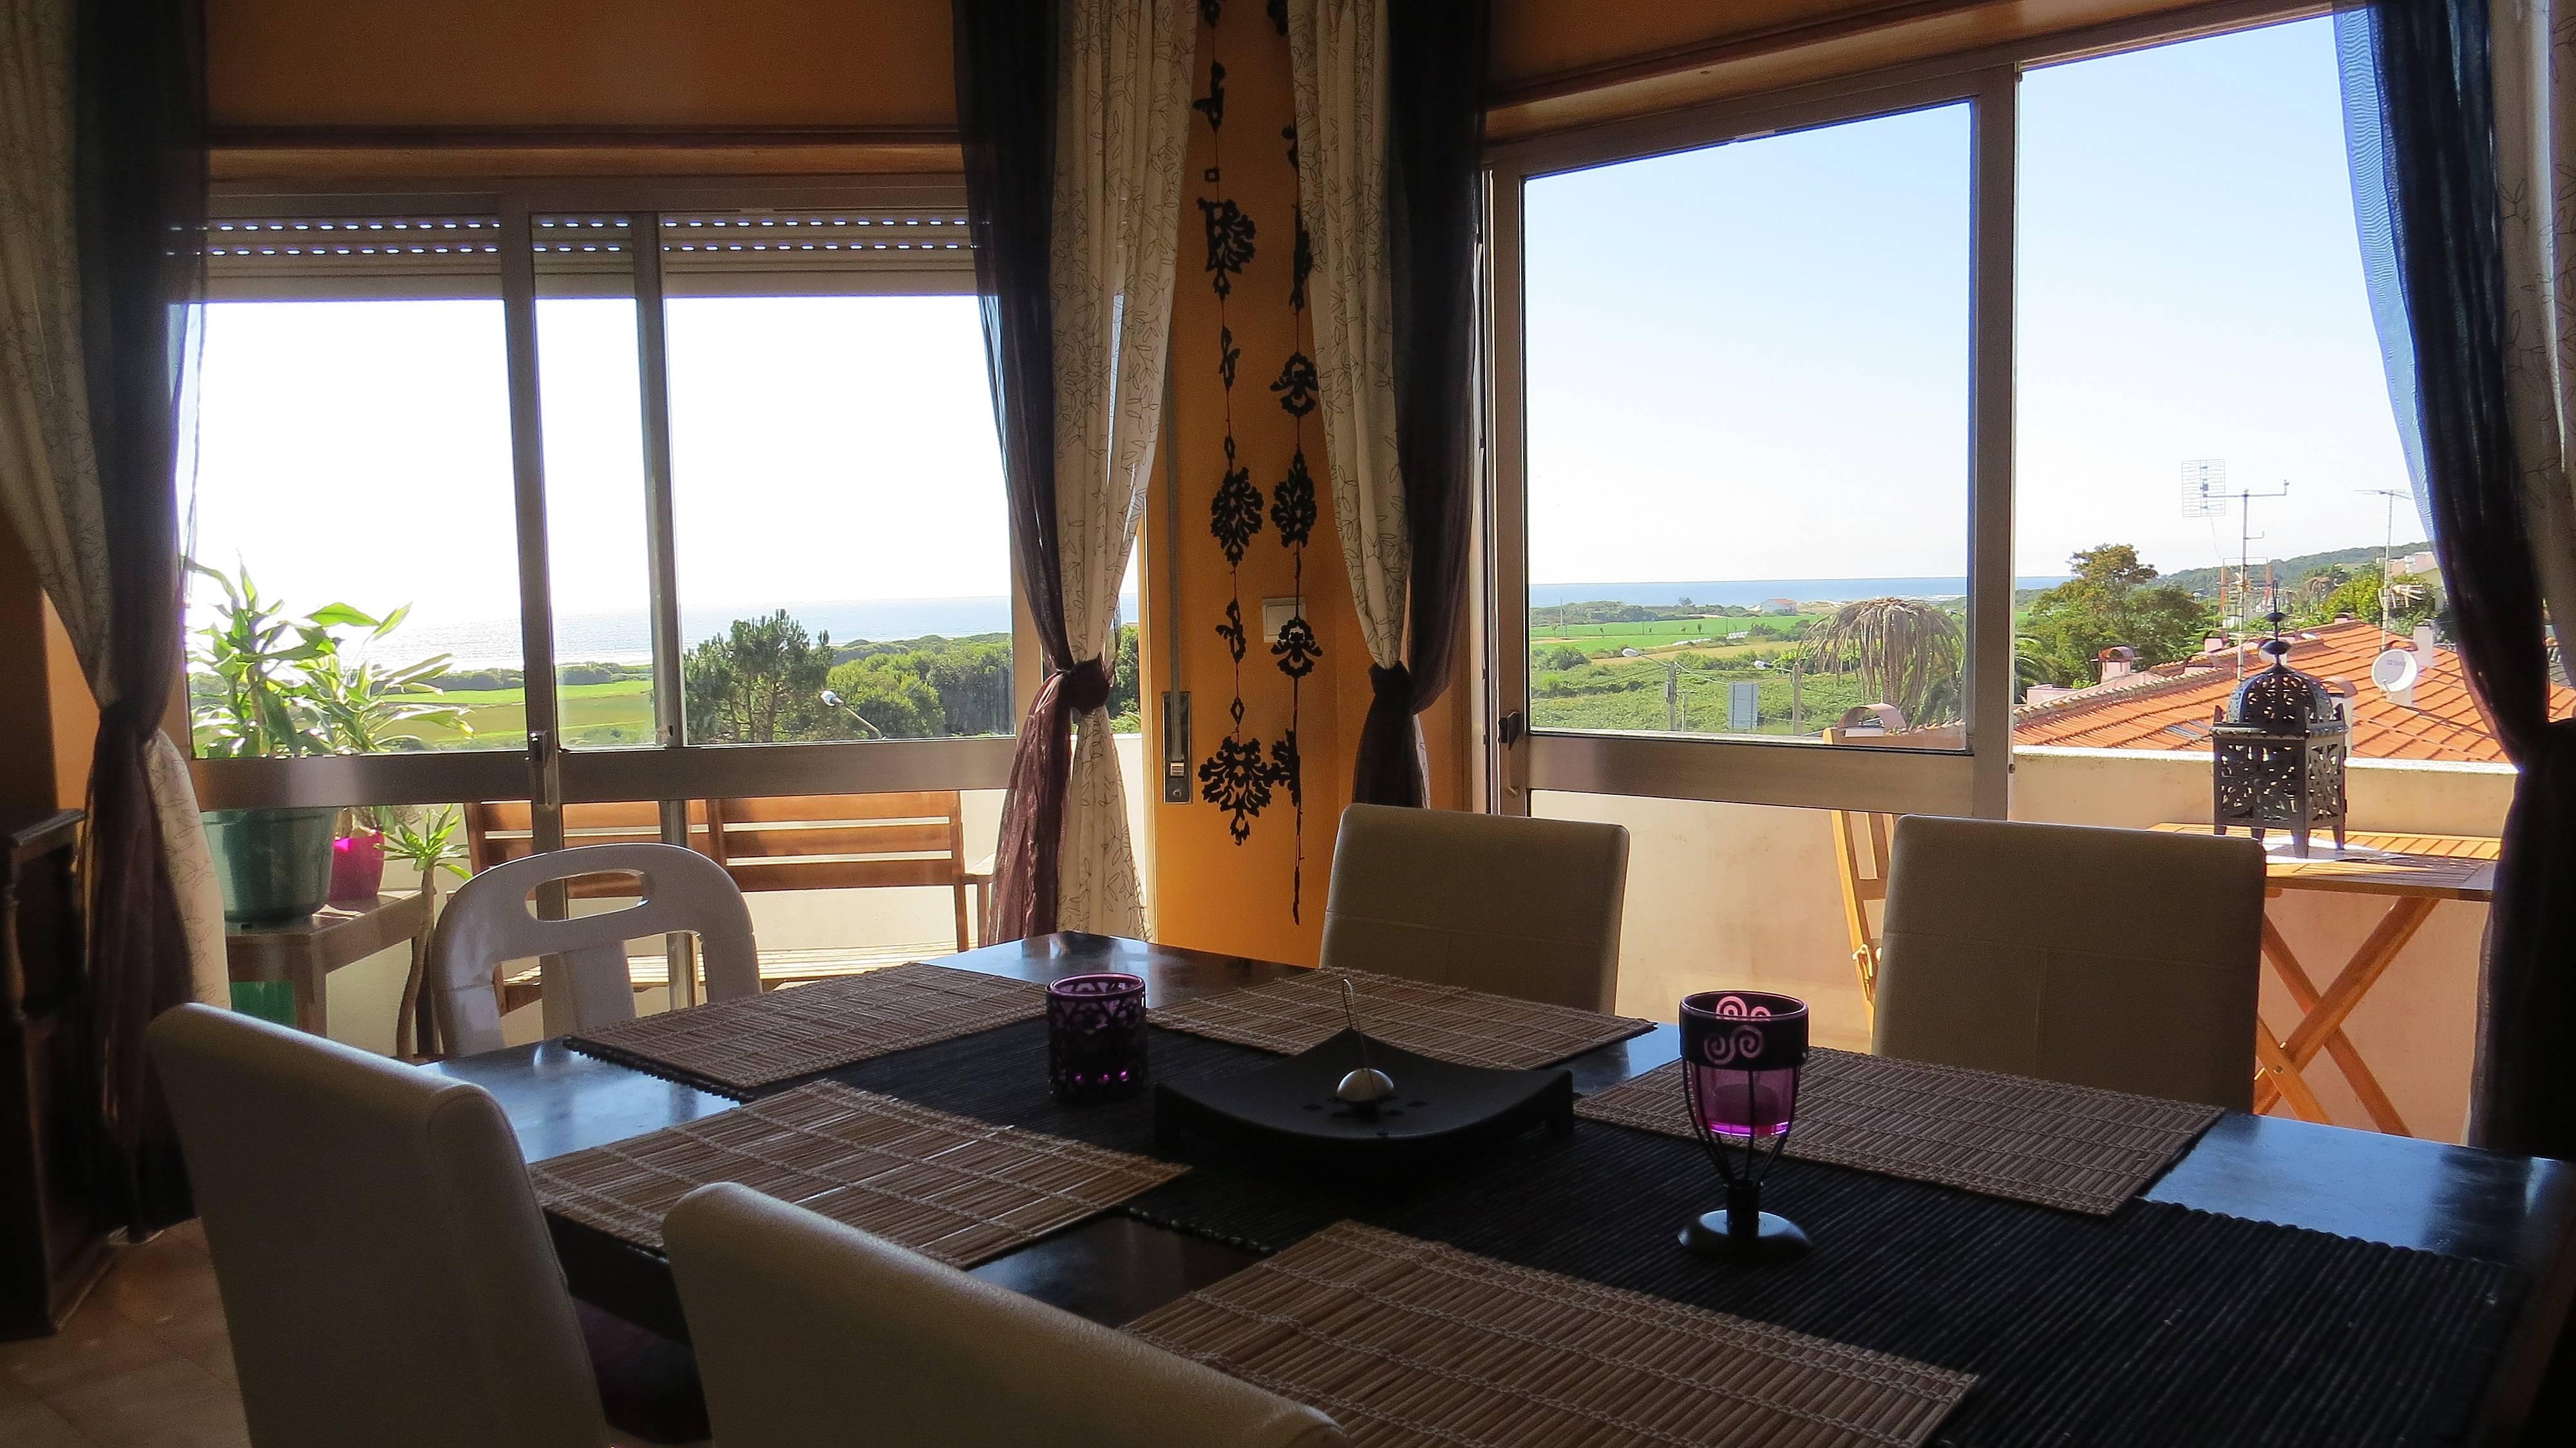 2 apartamentos vistas magnificas sobre o mar afife viana do castelo viana do castelo costa - Apartamentos sobre el mar zarautz ...